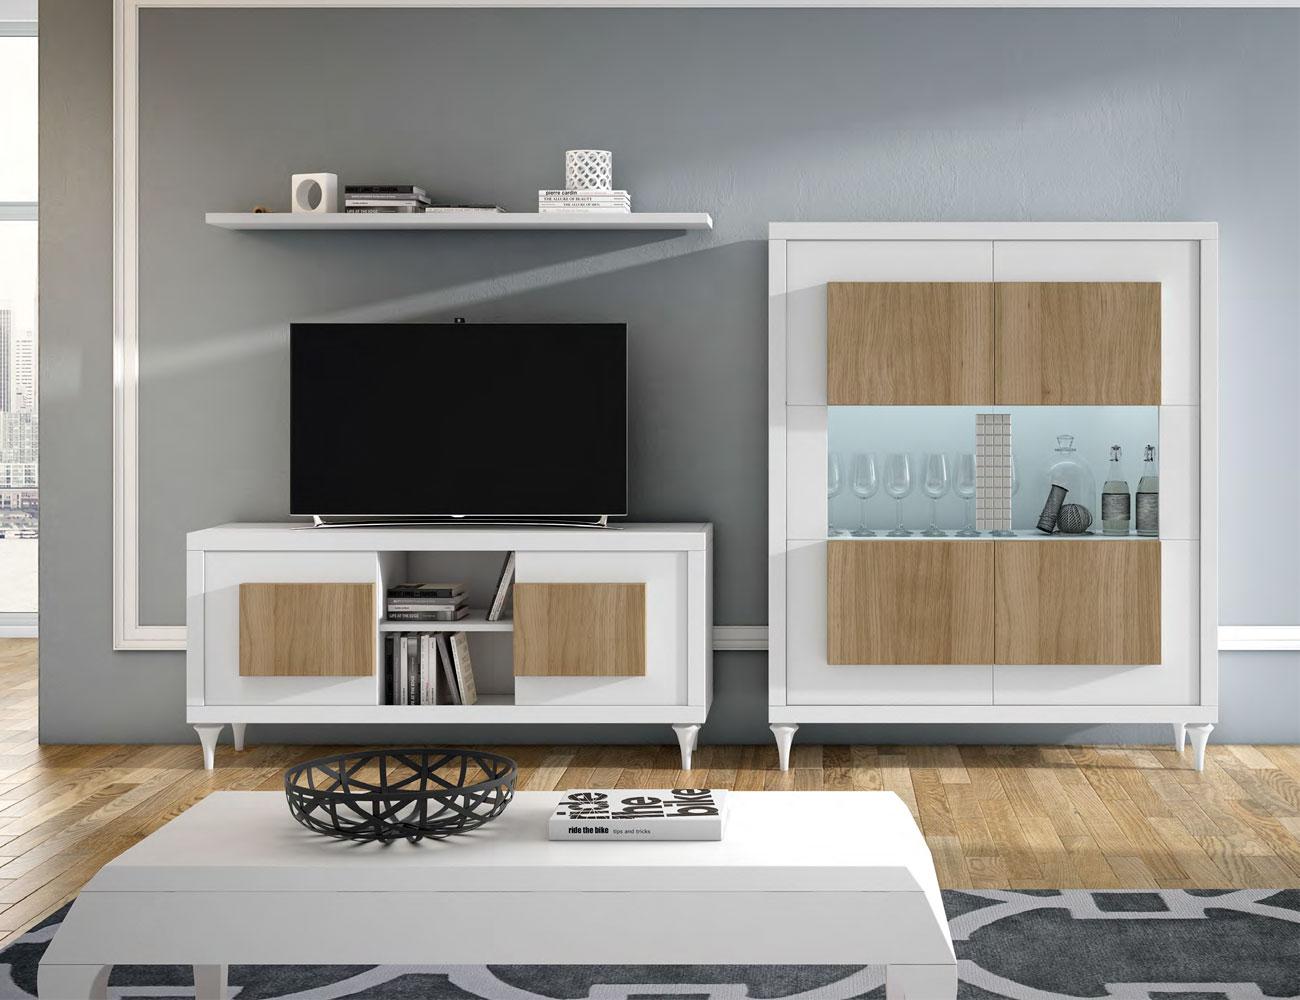 Composicion3 mueble salon comedor neoclasico blanco roble natural vitrina tv